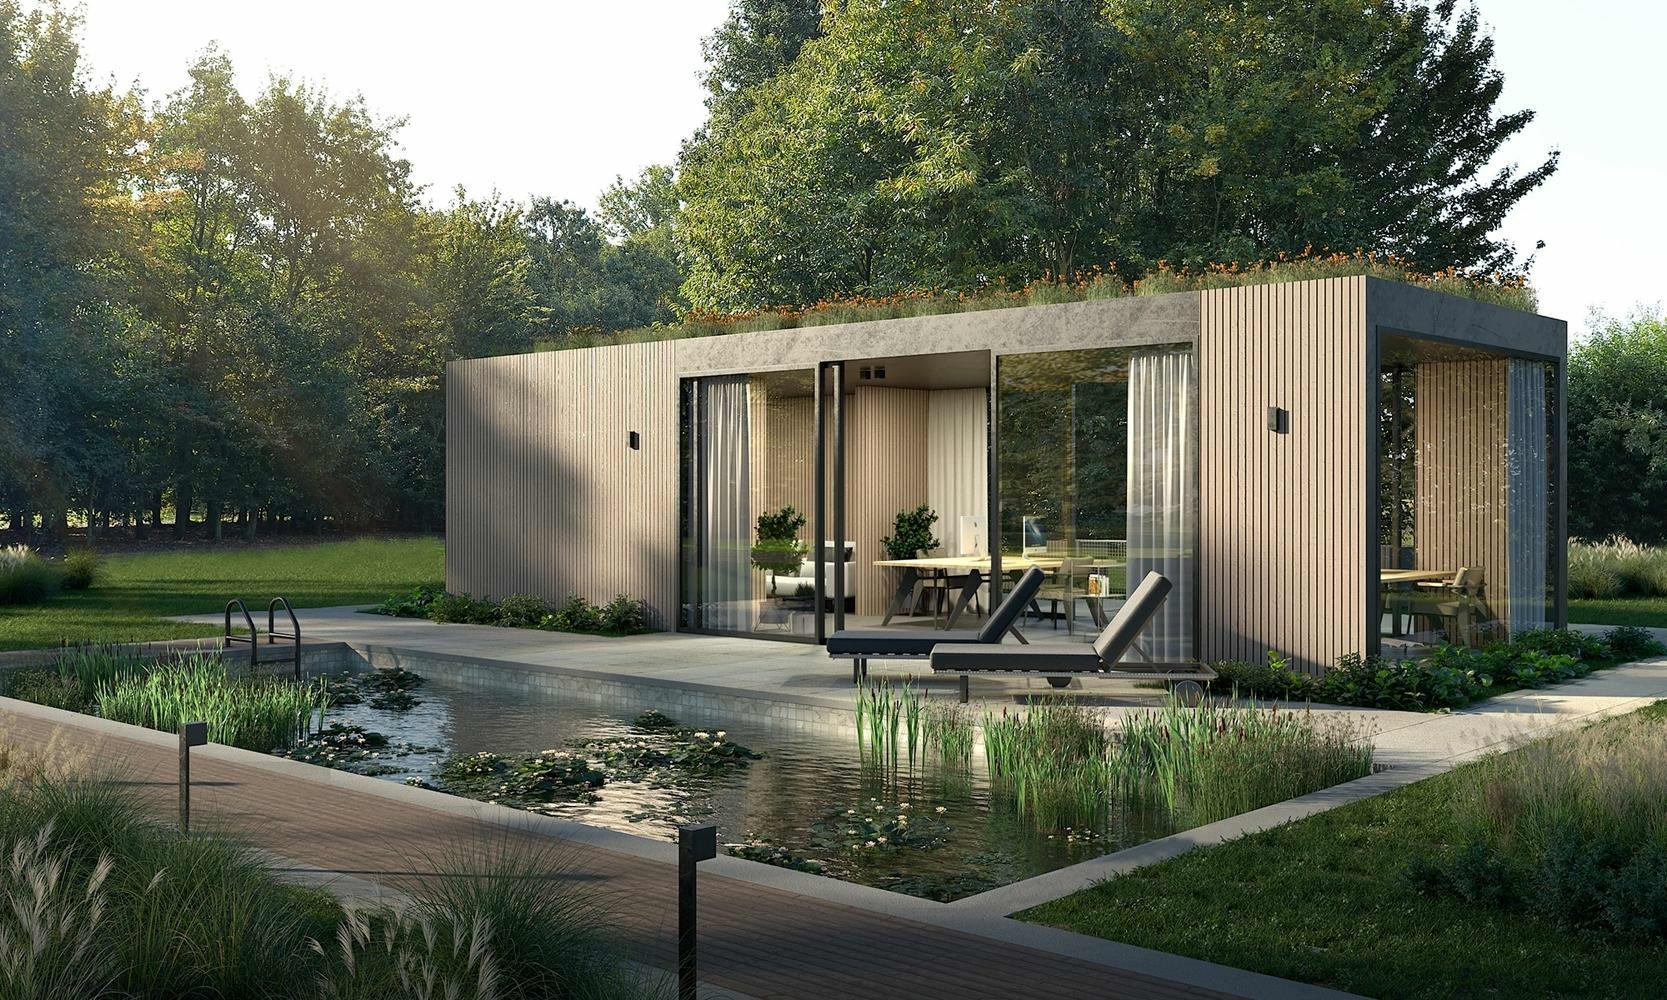 houten bijgebouw met plat dak als poolhouse in de tuin